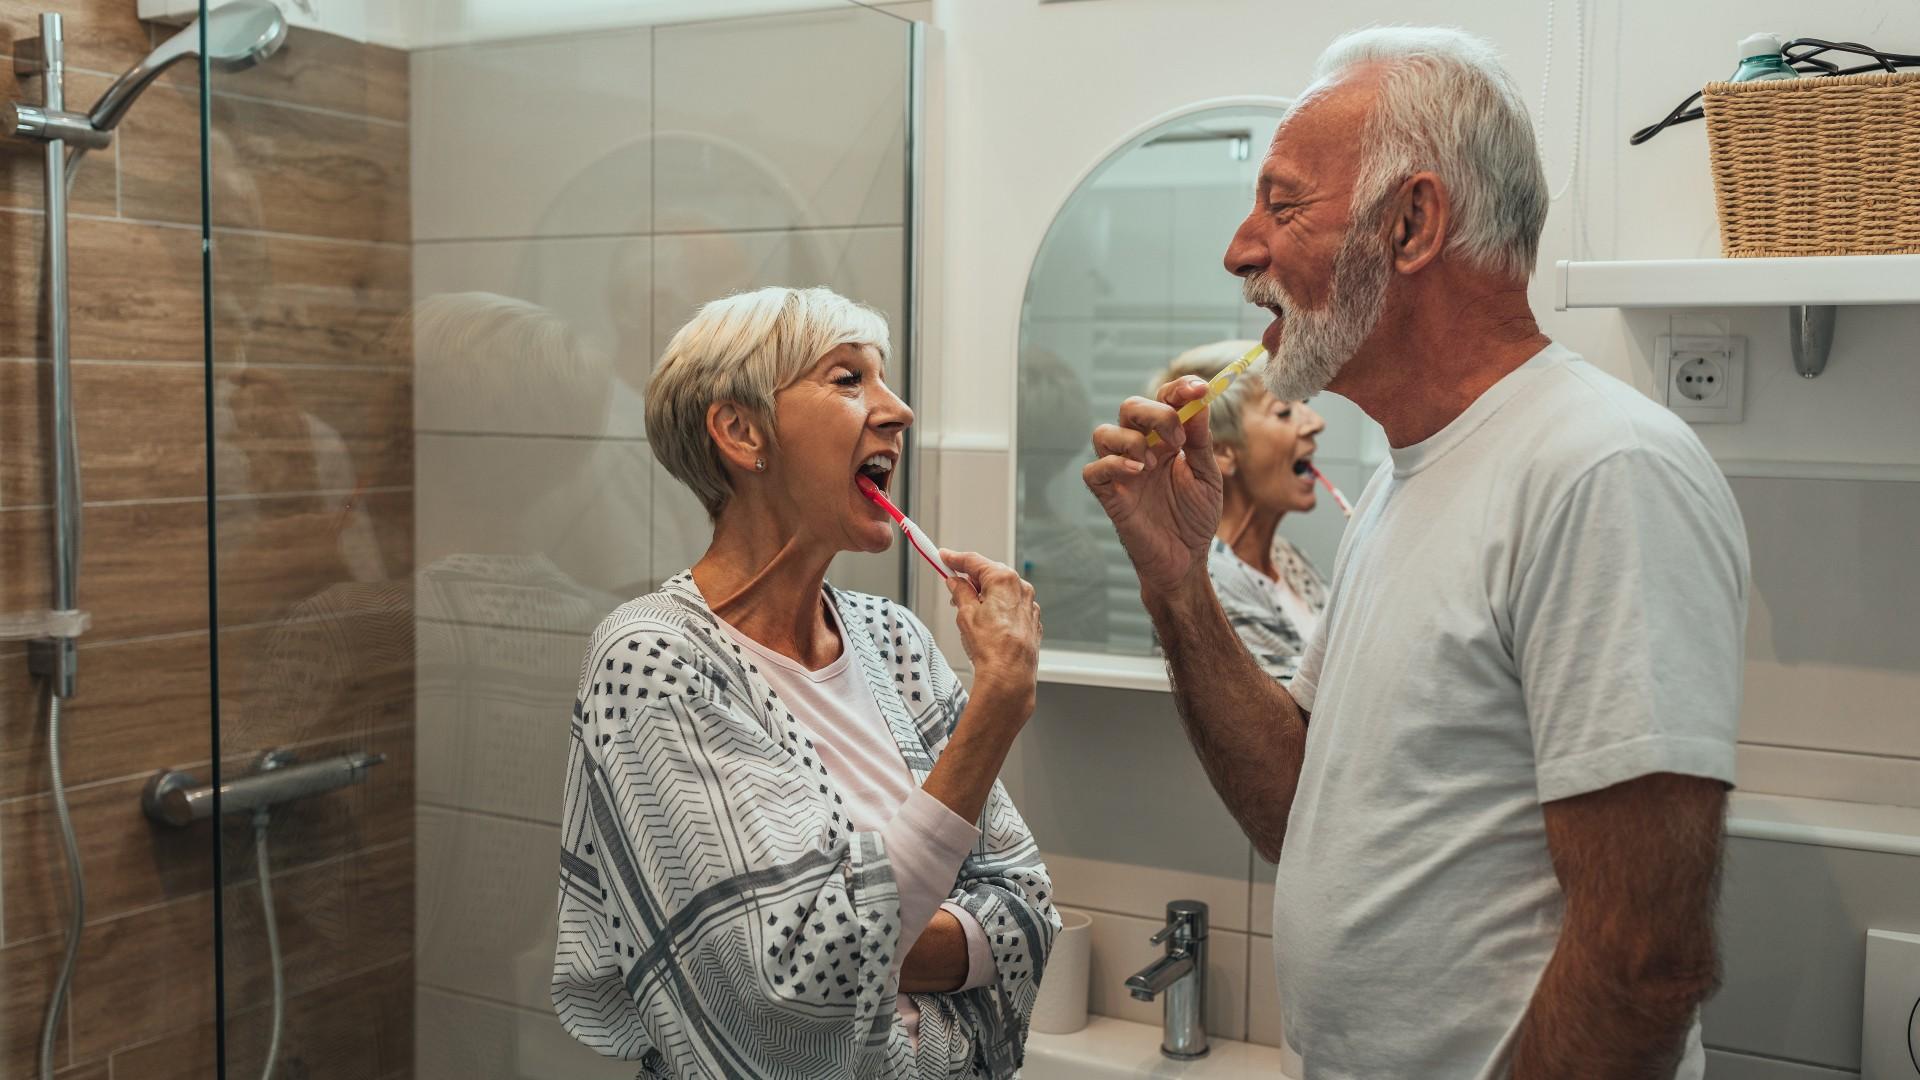 La salud oral de los adultos mayores no se debe descuidar